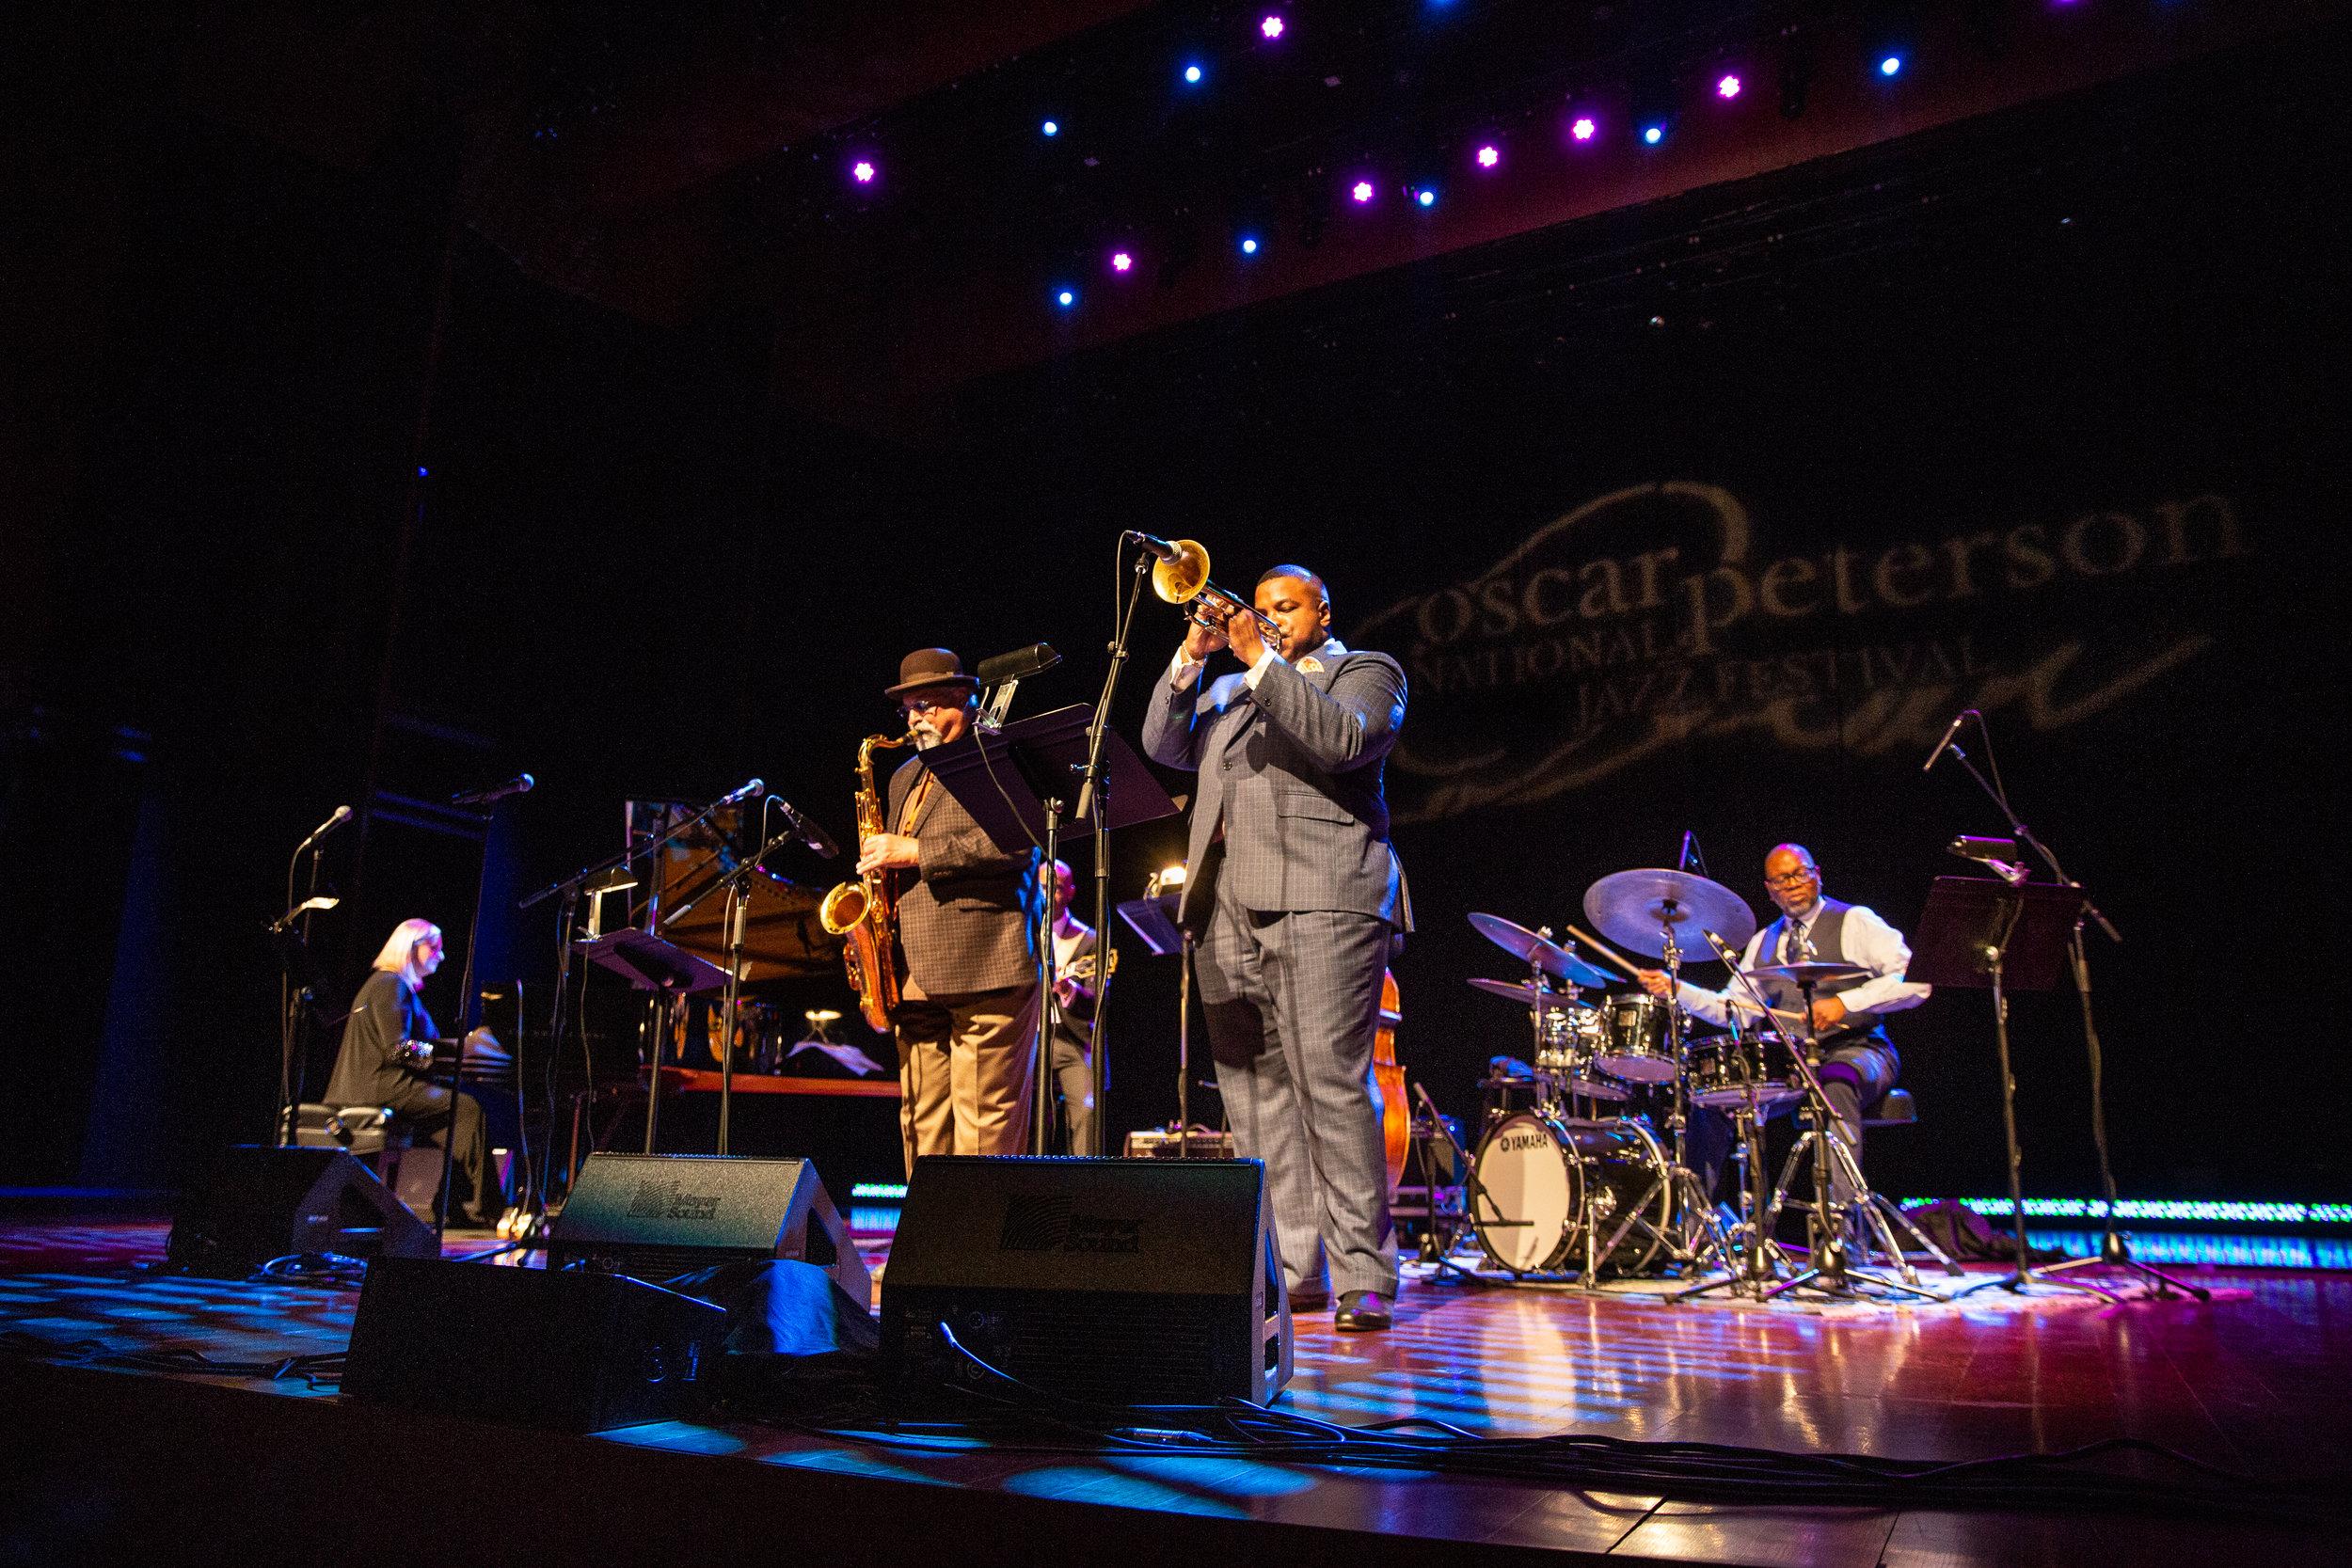 Oscar Peterson Jazz Fest 2019 (C) Alex Heidbuechel-6894.jpg